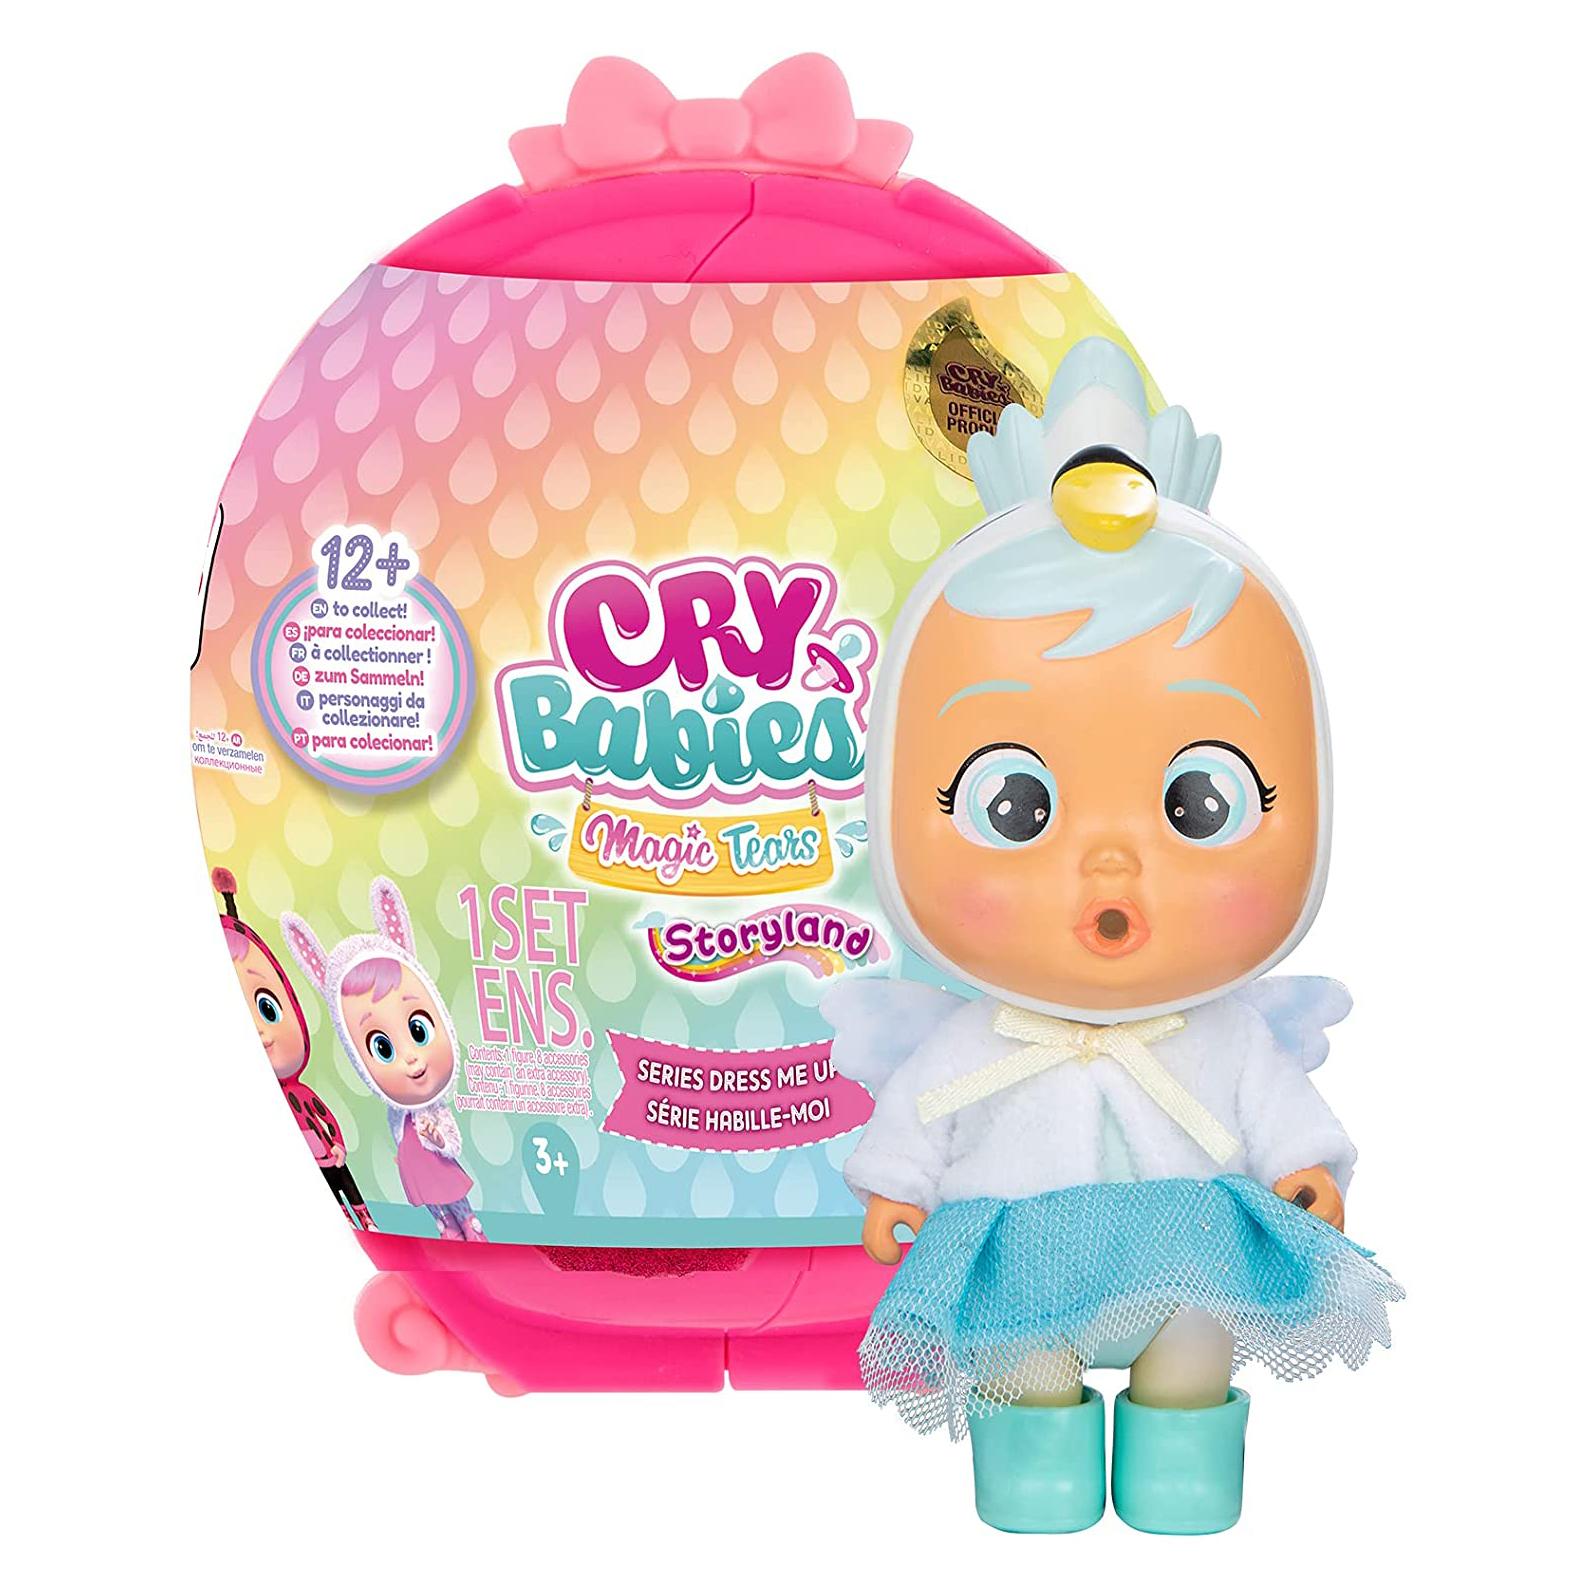 Cry Babies Magic Tears Dress Me Up